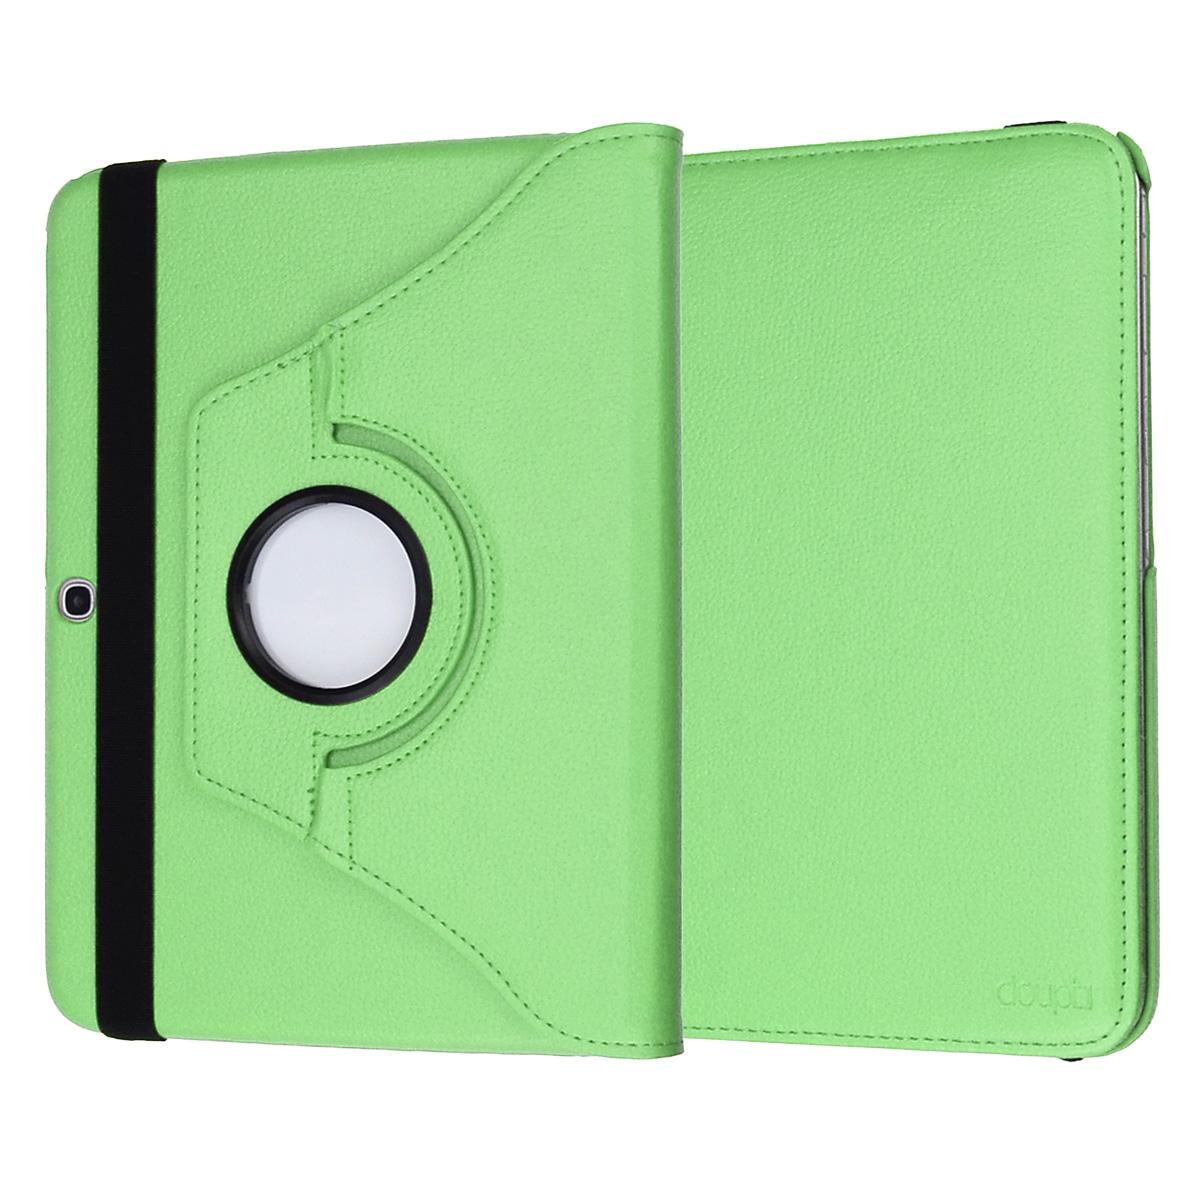 360-drehbar-Huelle-Samsung-Tab-E-9-6-Schutz-Cover-Case-Tasche-Etui-Staender-Folie Indexbild 33